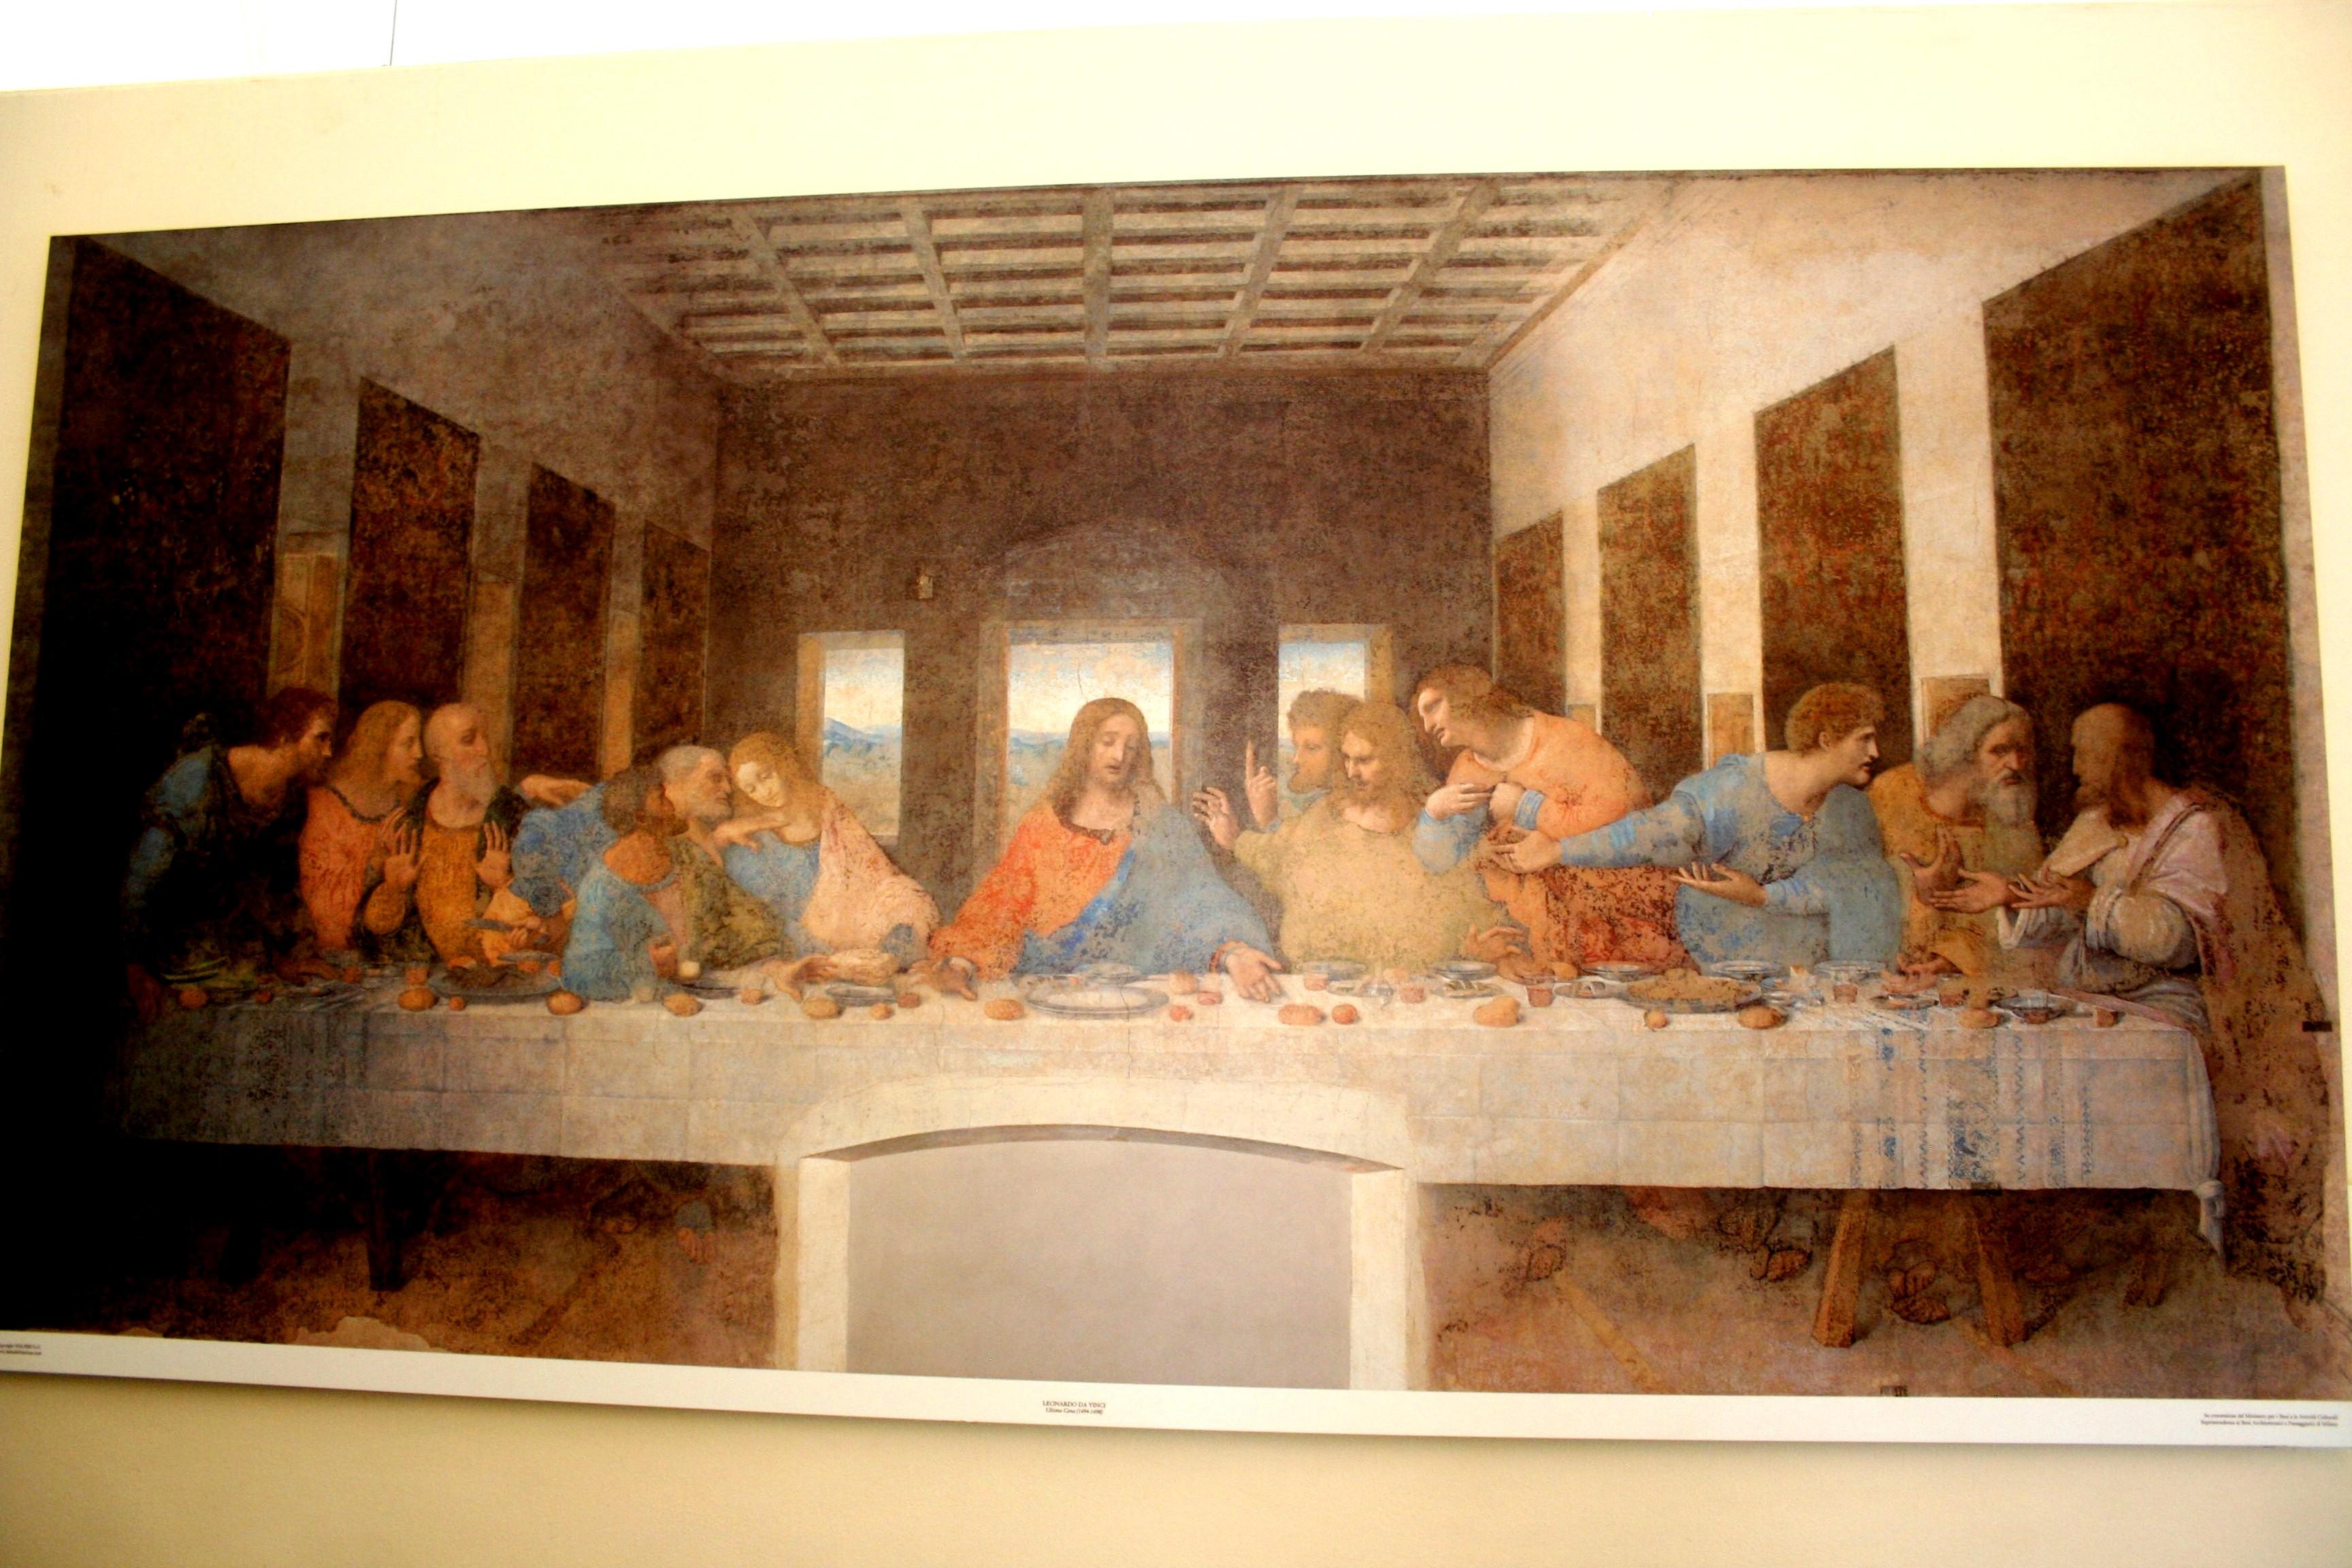 Print of Da Vinci's Last Supper